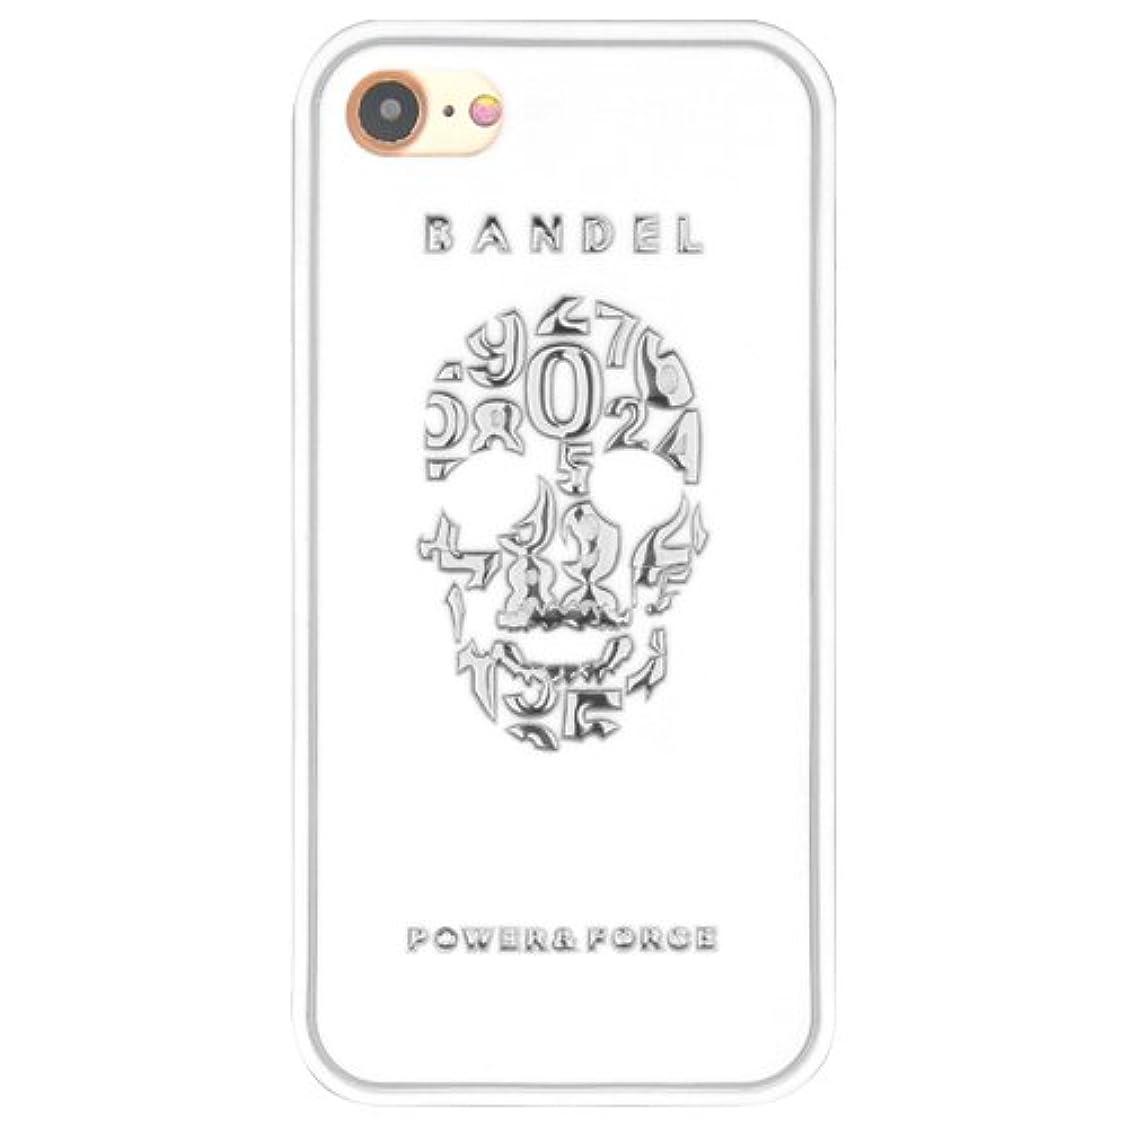 ストレッチ美的増強するバンデル(BANDEL) スカル iPhone 8専用 シリコンケース [ホワイト×シルバー]